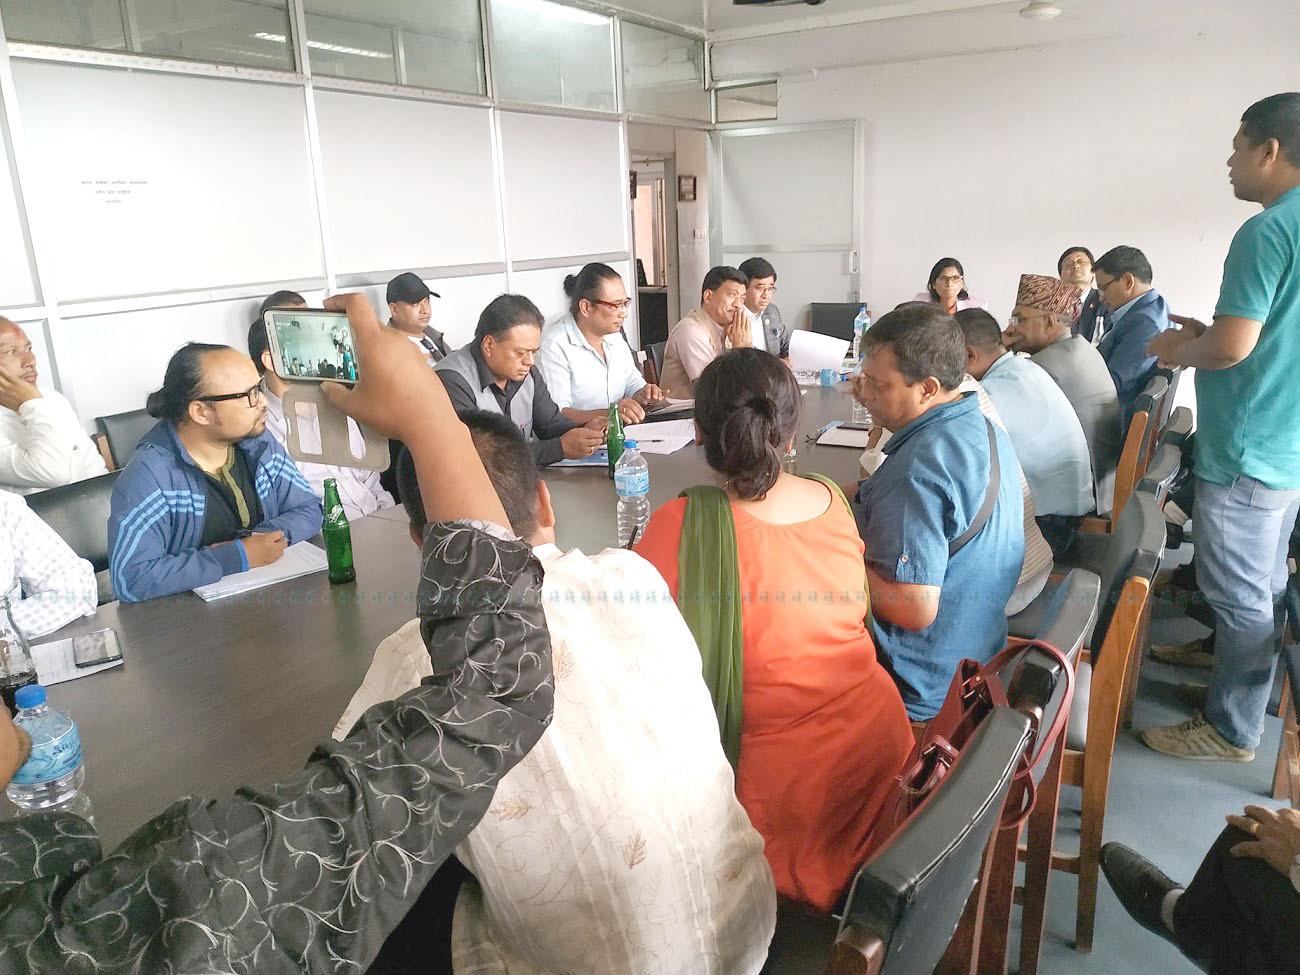 बुधबार मन्त्री अर्याल, काठमाडौंका जनप्रतिनिधि र गुठियारबीच भूमि सुधार मन्त्रालयमा भएको छलफल। तस्बिर: बिनु सुवेदी/सेतोपाटी